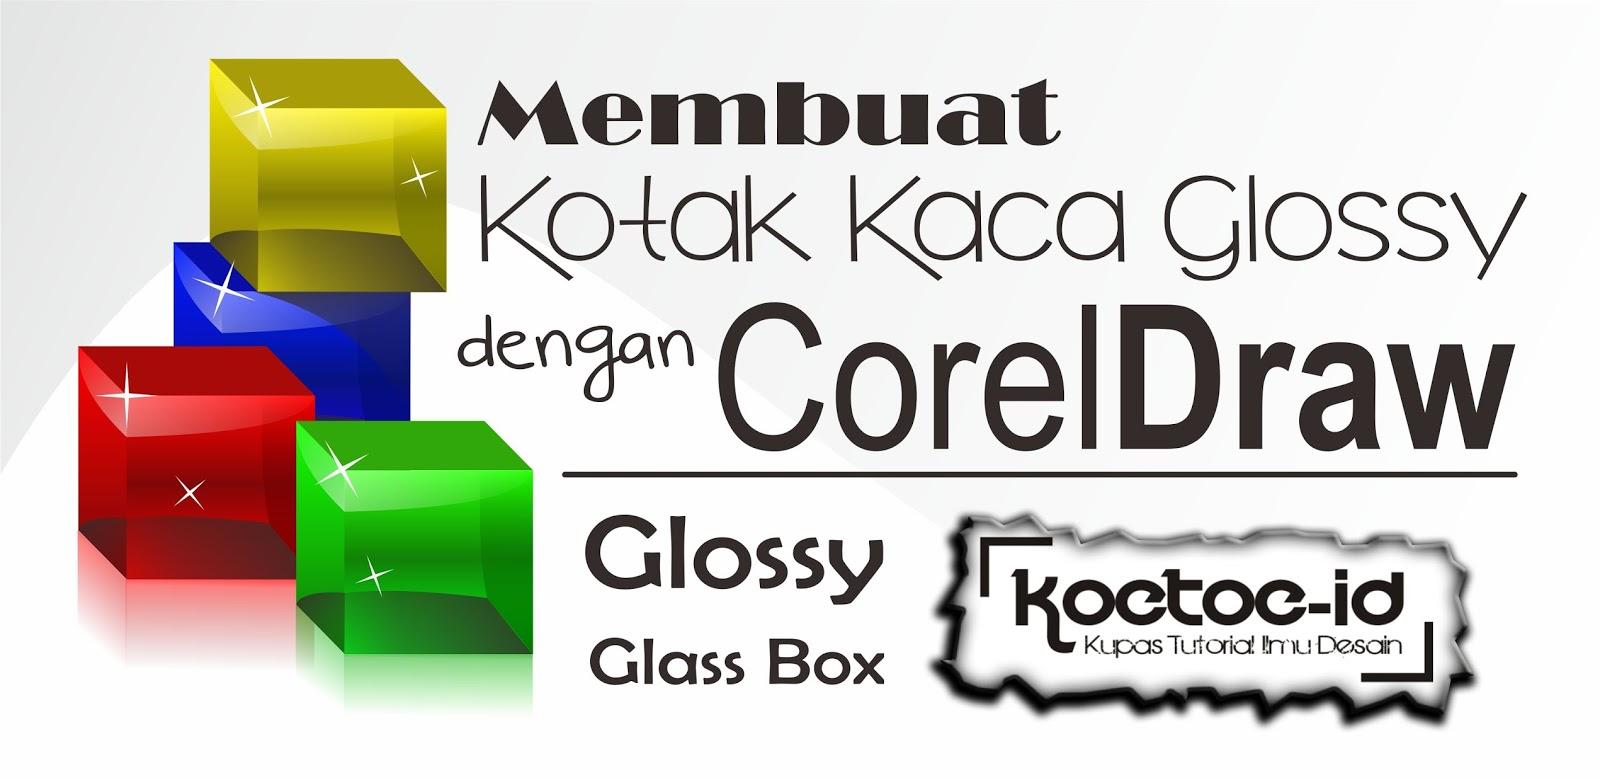 Tutorial CorelDraw - Membuat Kotak Kaca Glossy dengan ...